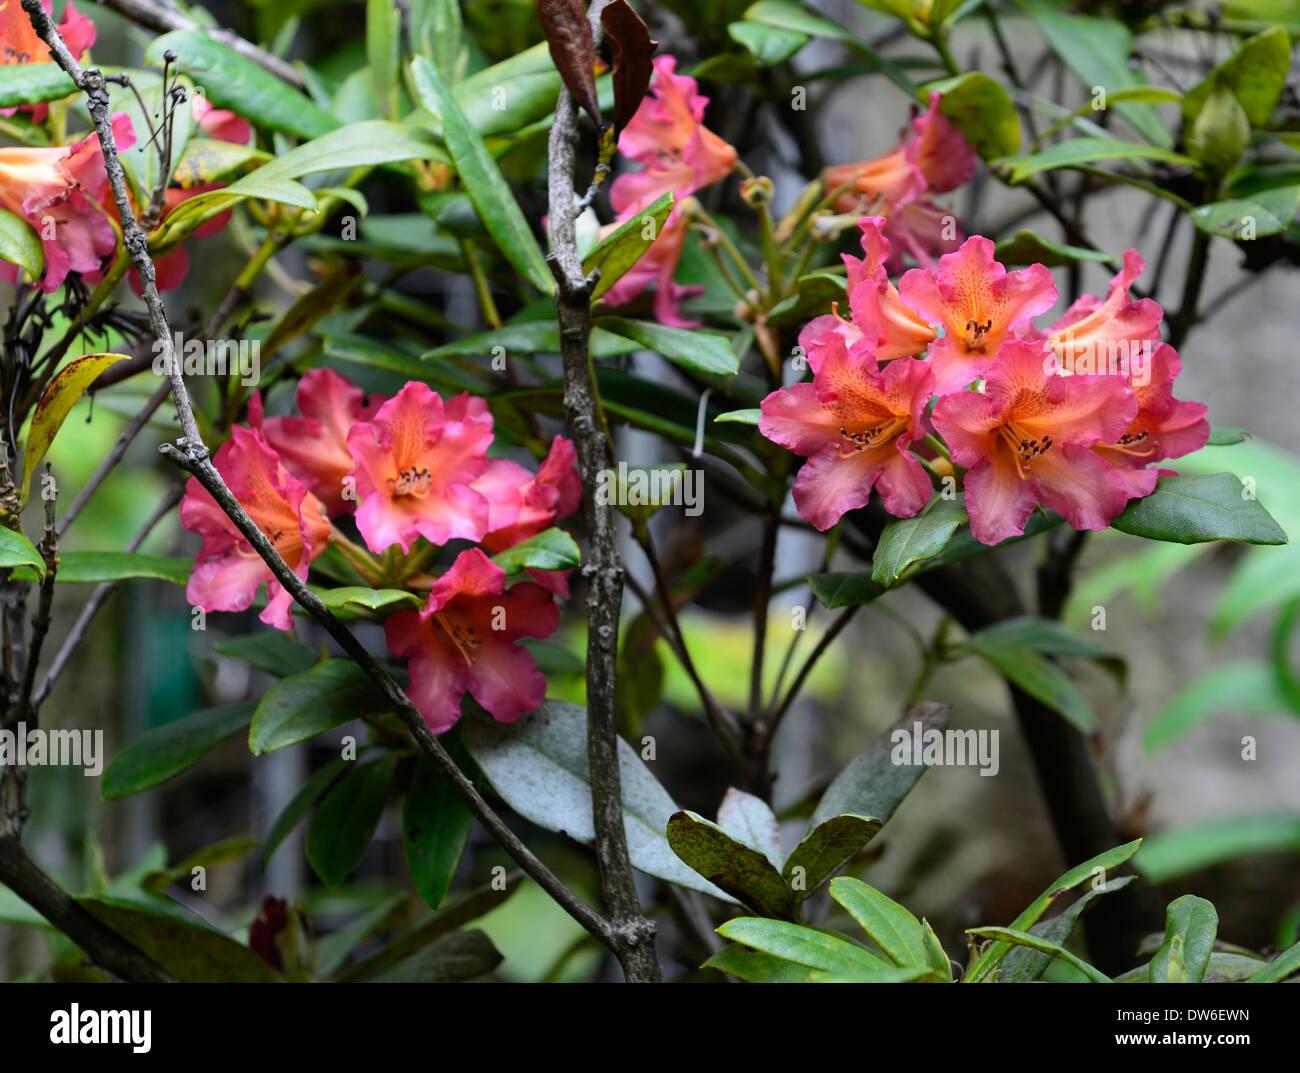 Rhododendron Dichroanthum Scyphocalyx Pink Orange Flowers Flower